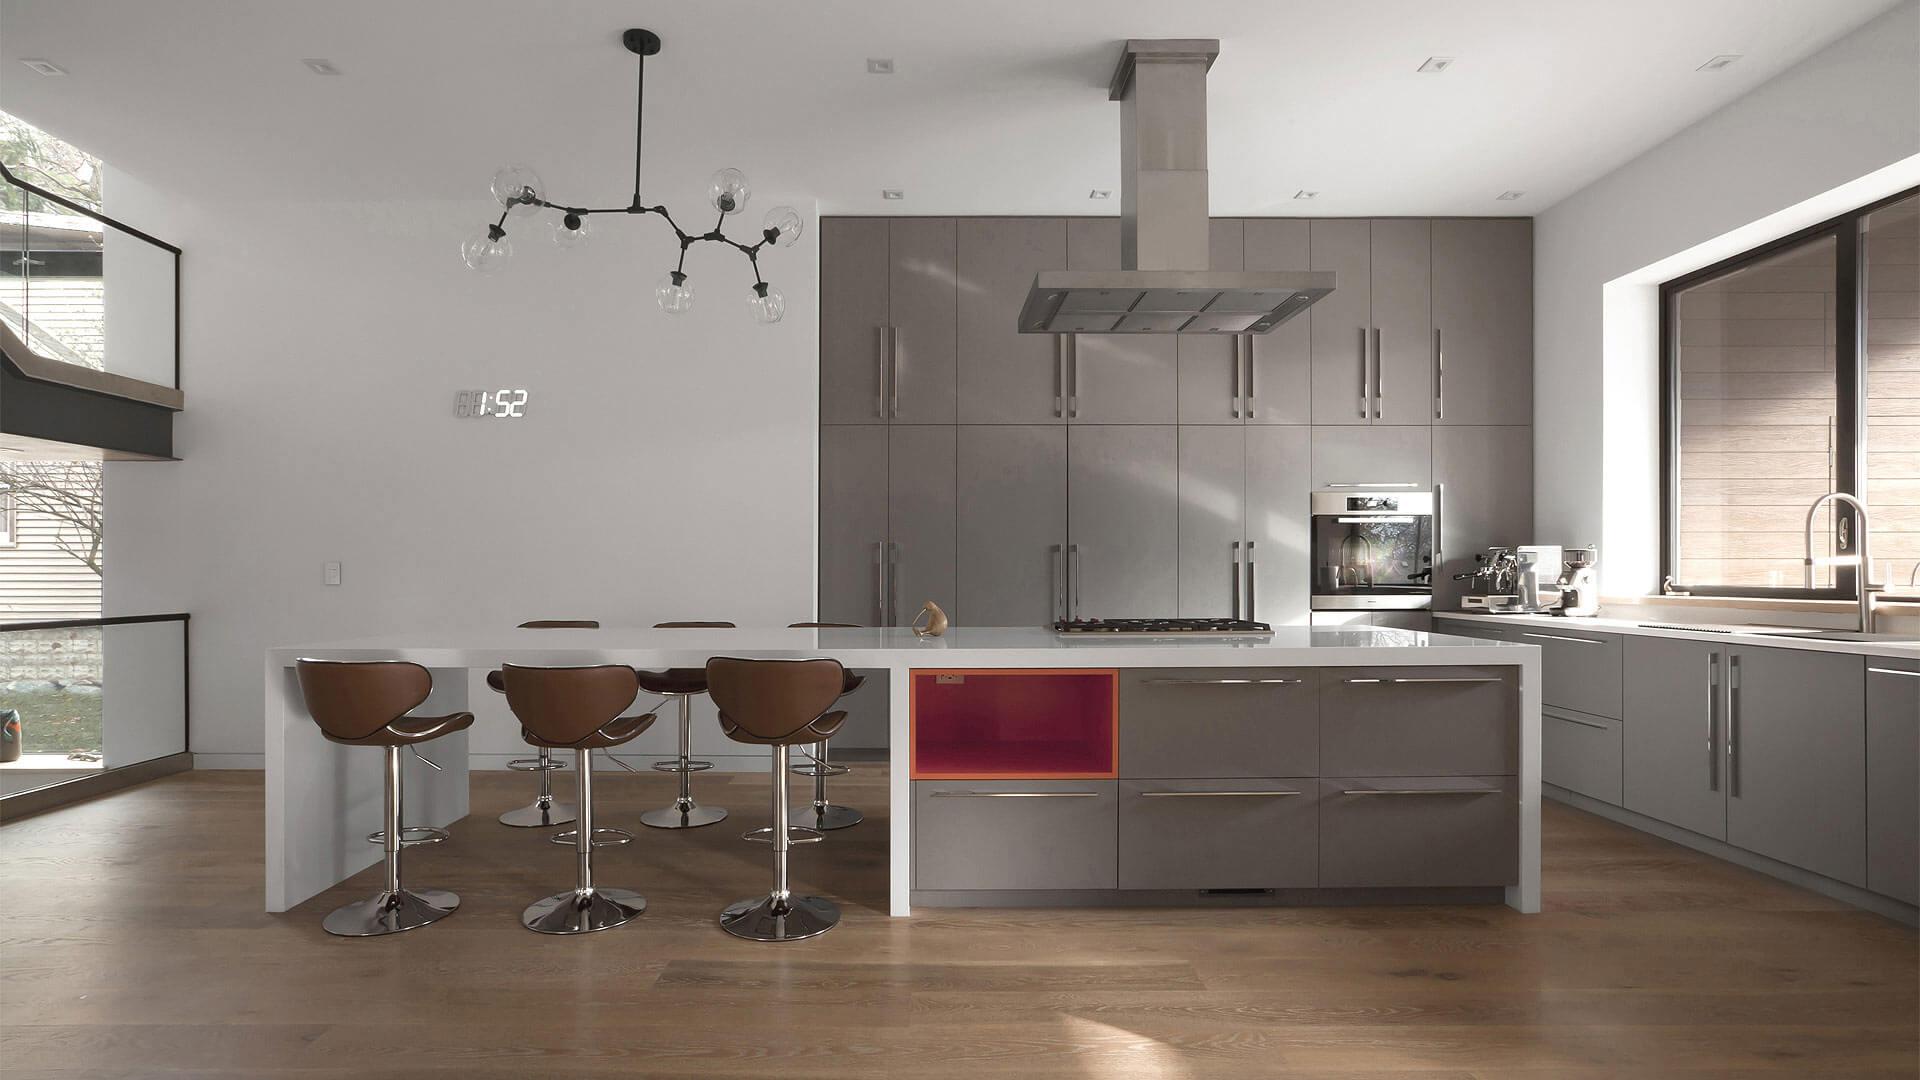 Minimalist Modern Haus Architecture For Modern Lifestyles